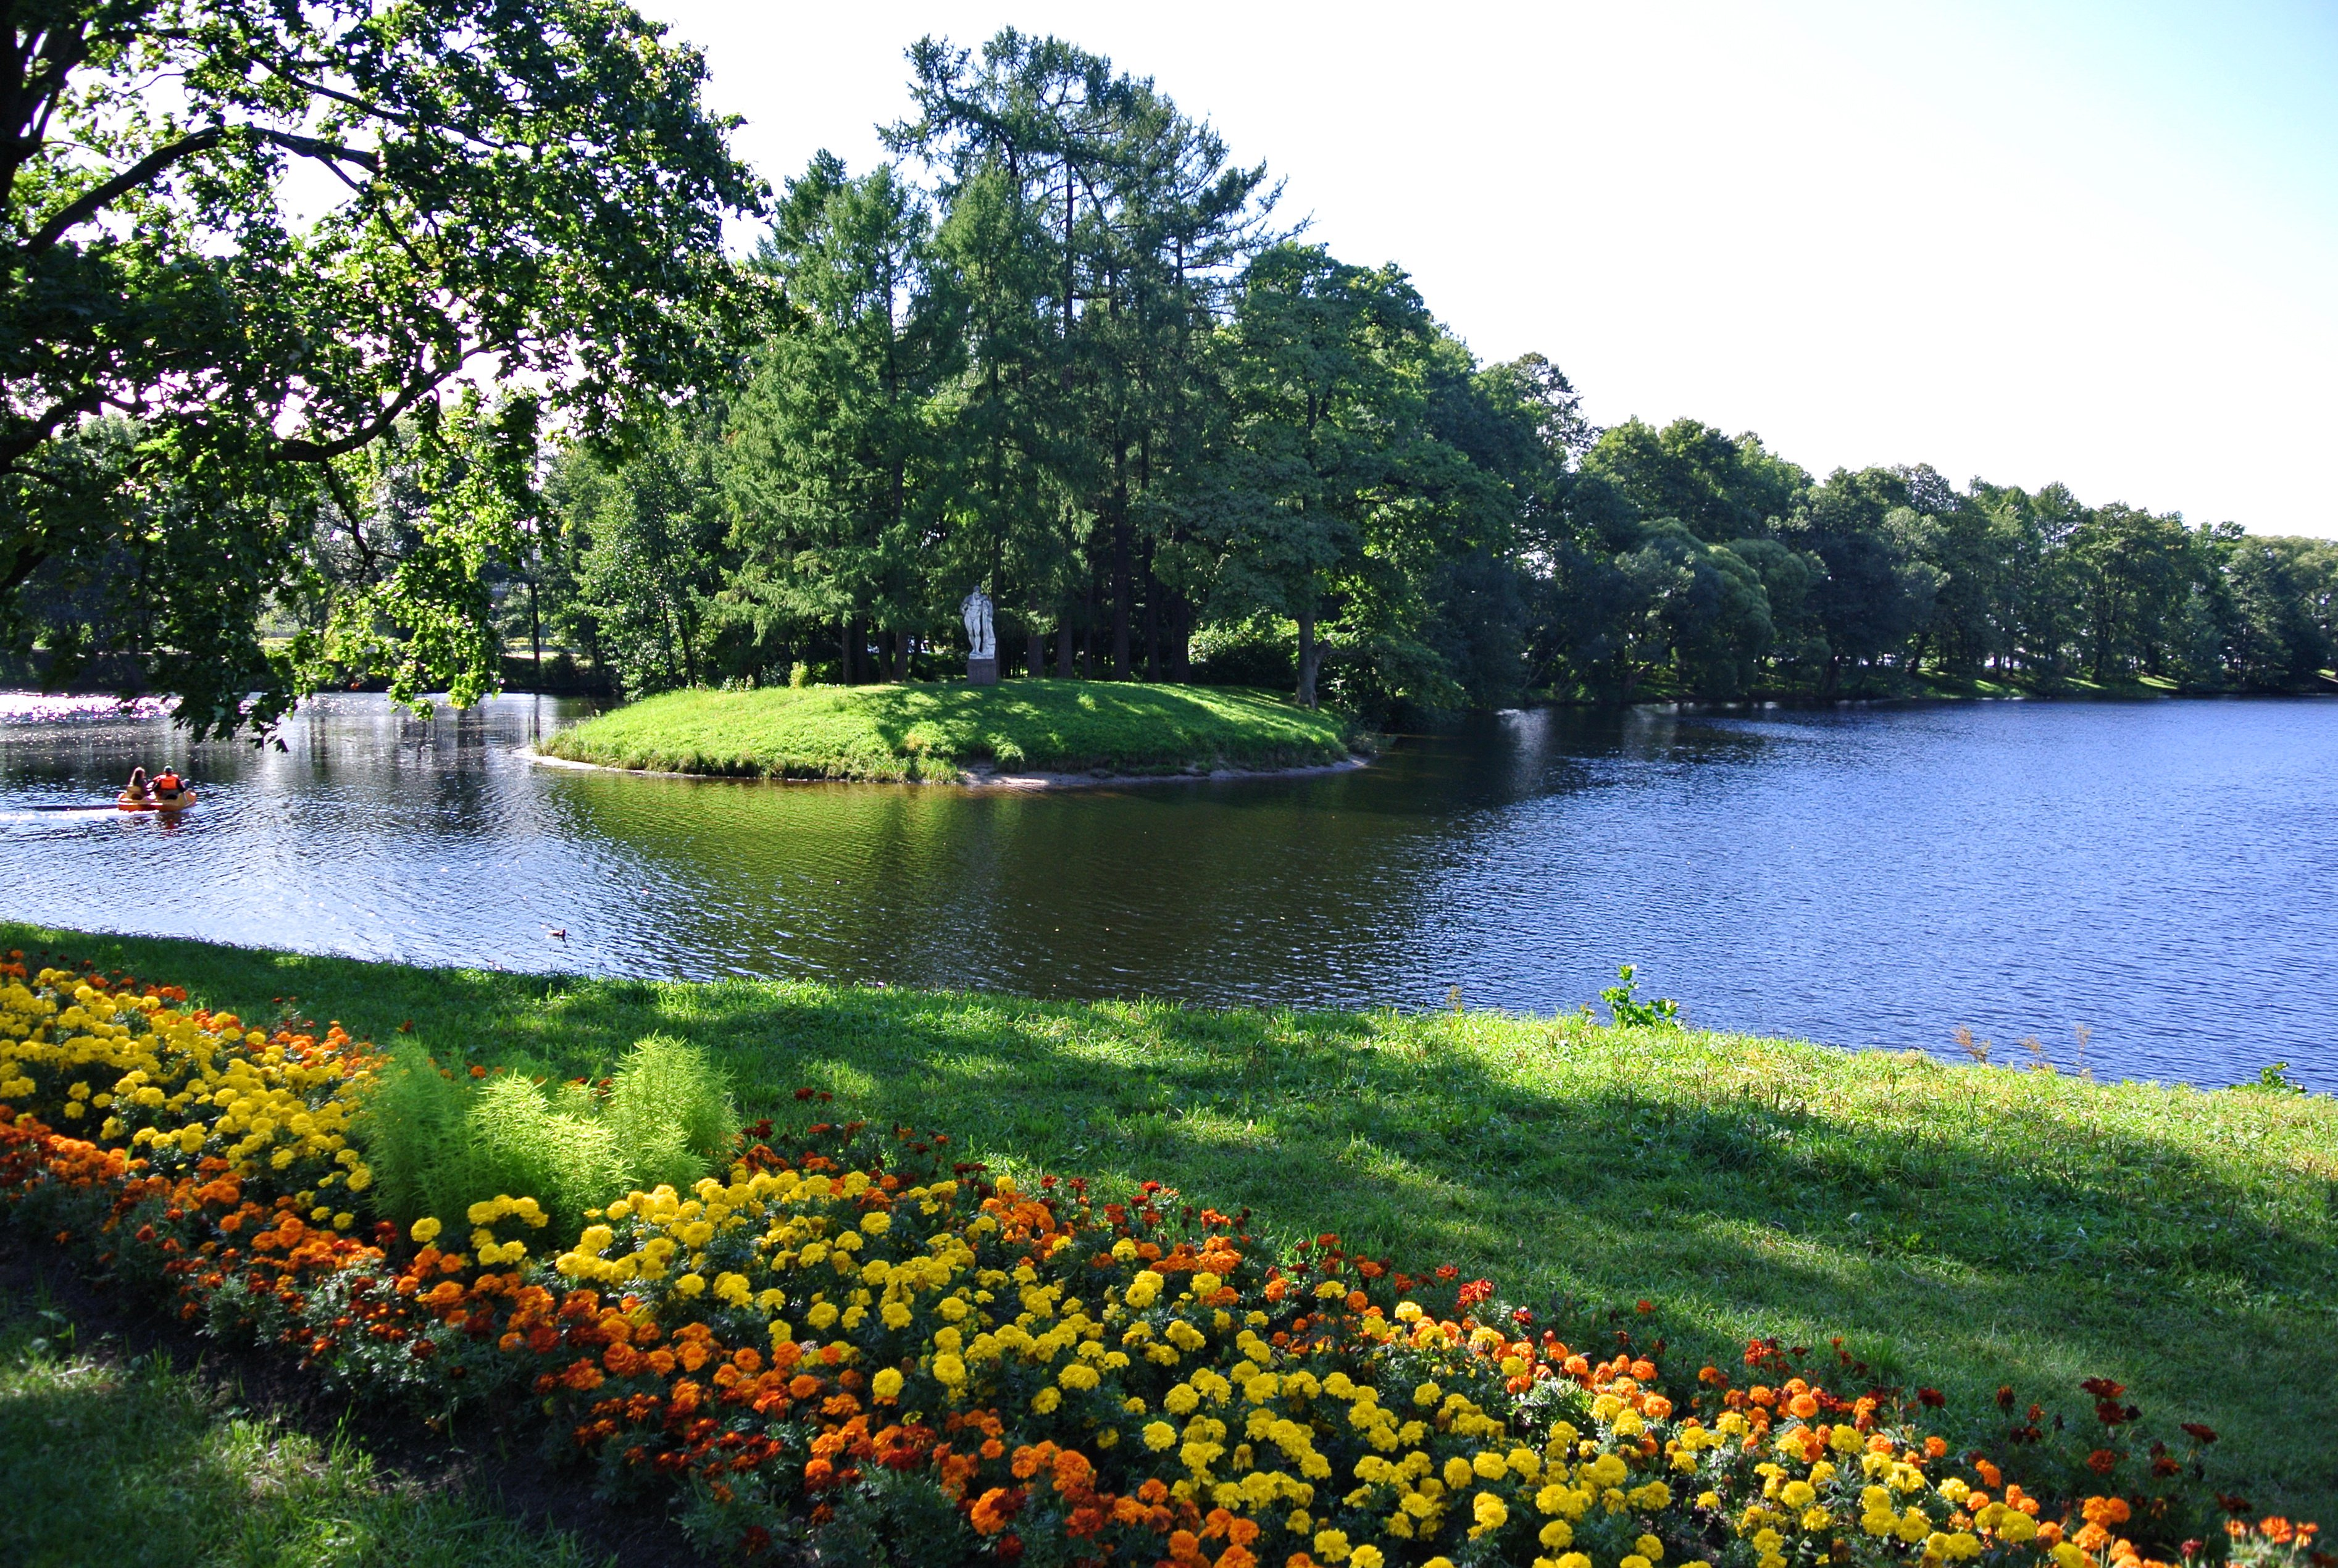 حديقة الرياضة والطبيعة